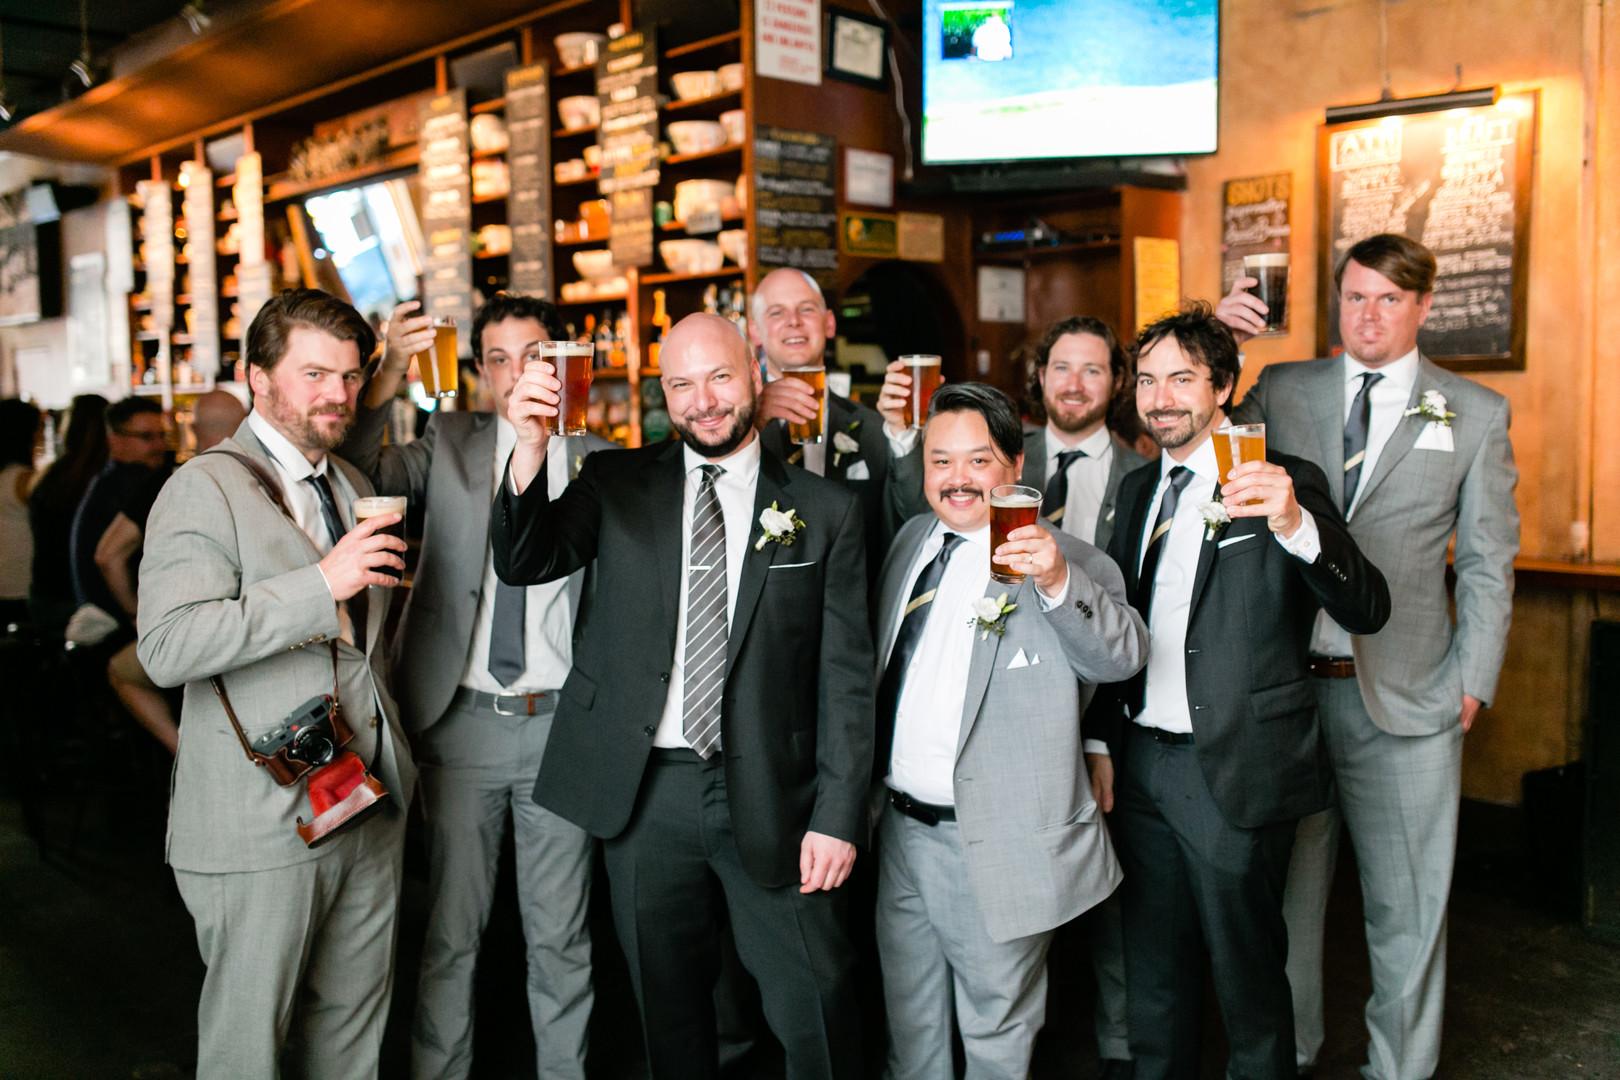 Woolard_Callegari_CaseyFatchettPhotography_publicrestaurantwedding15_big.jpg